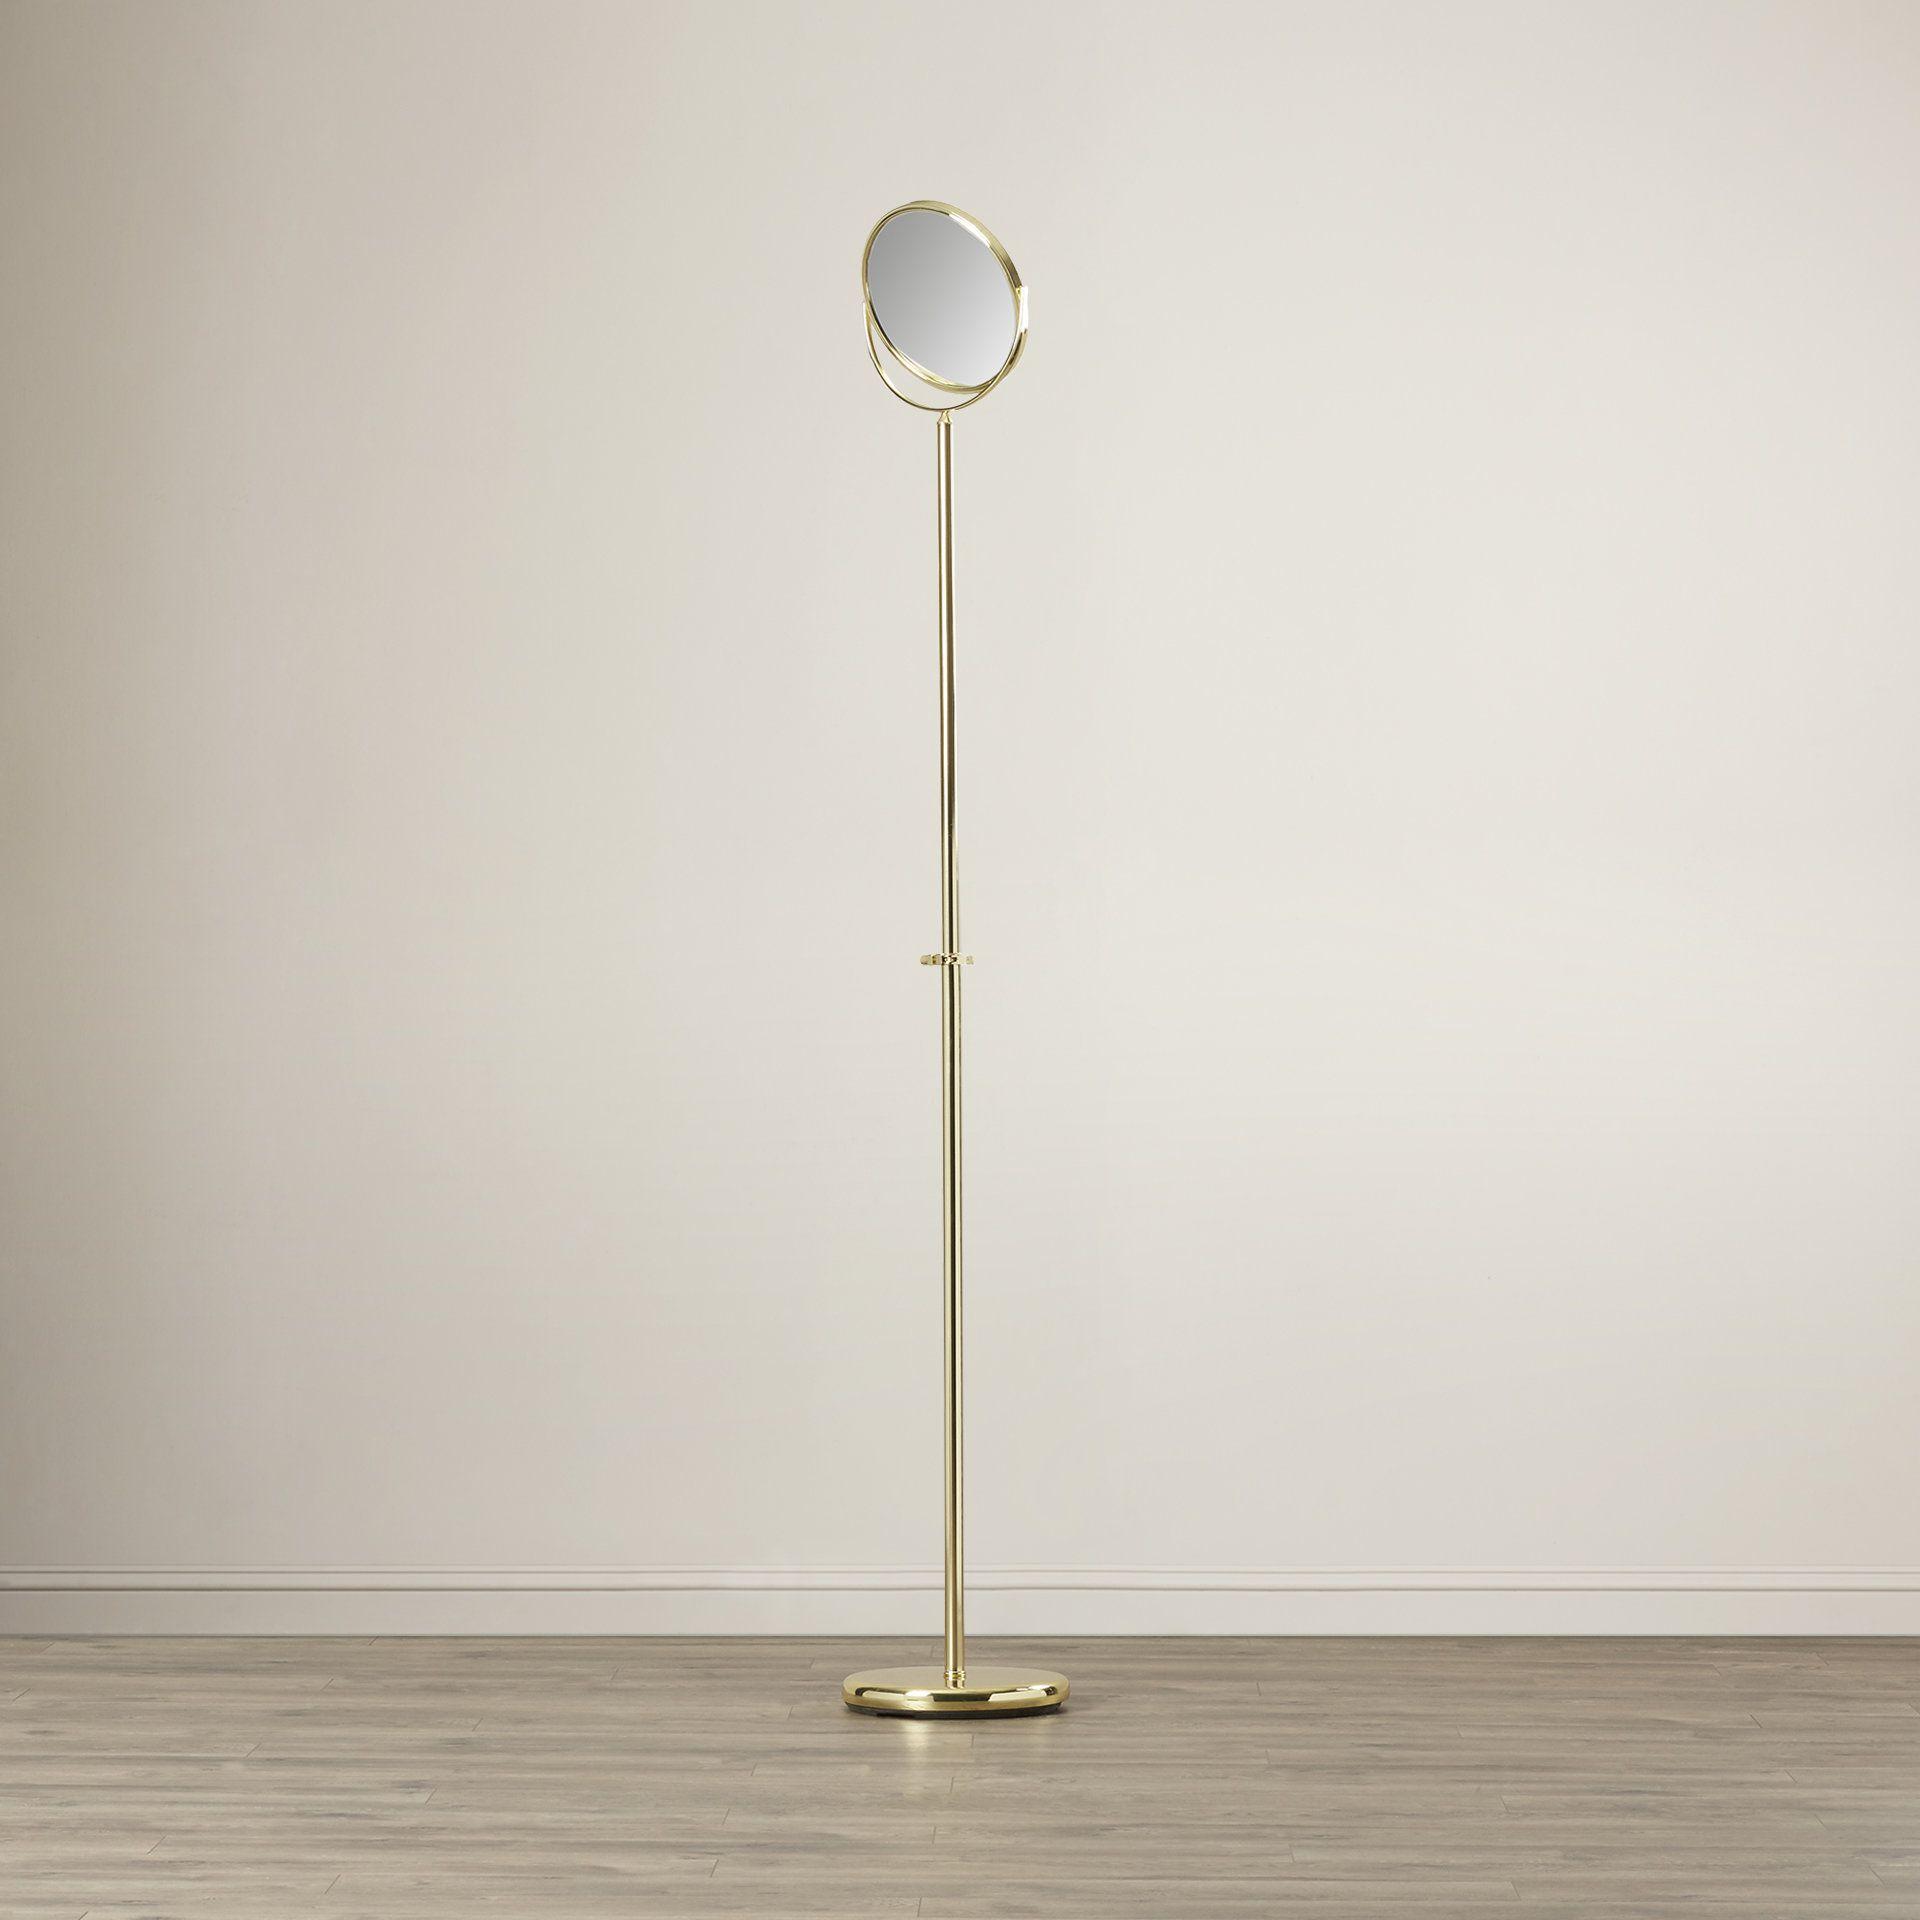 Adjustable Floor Mirror | Products | Pinterest | Floor mirror and ...